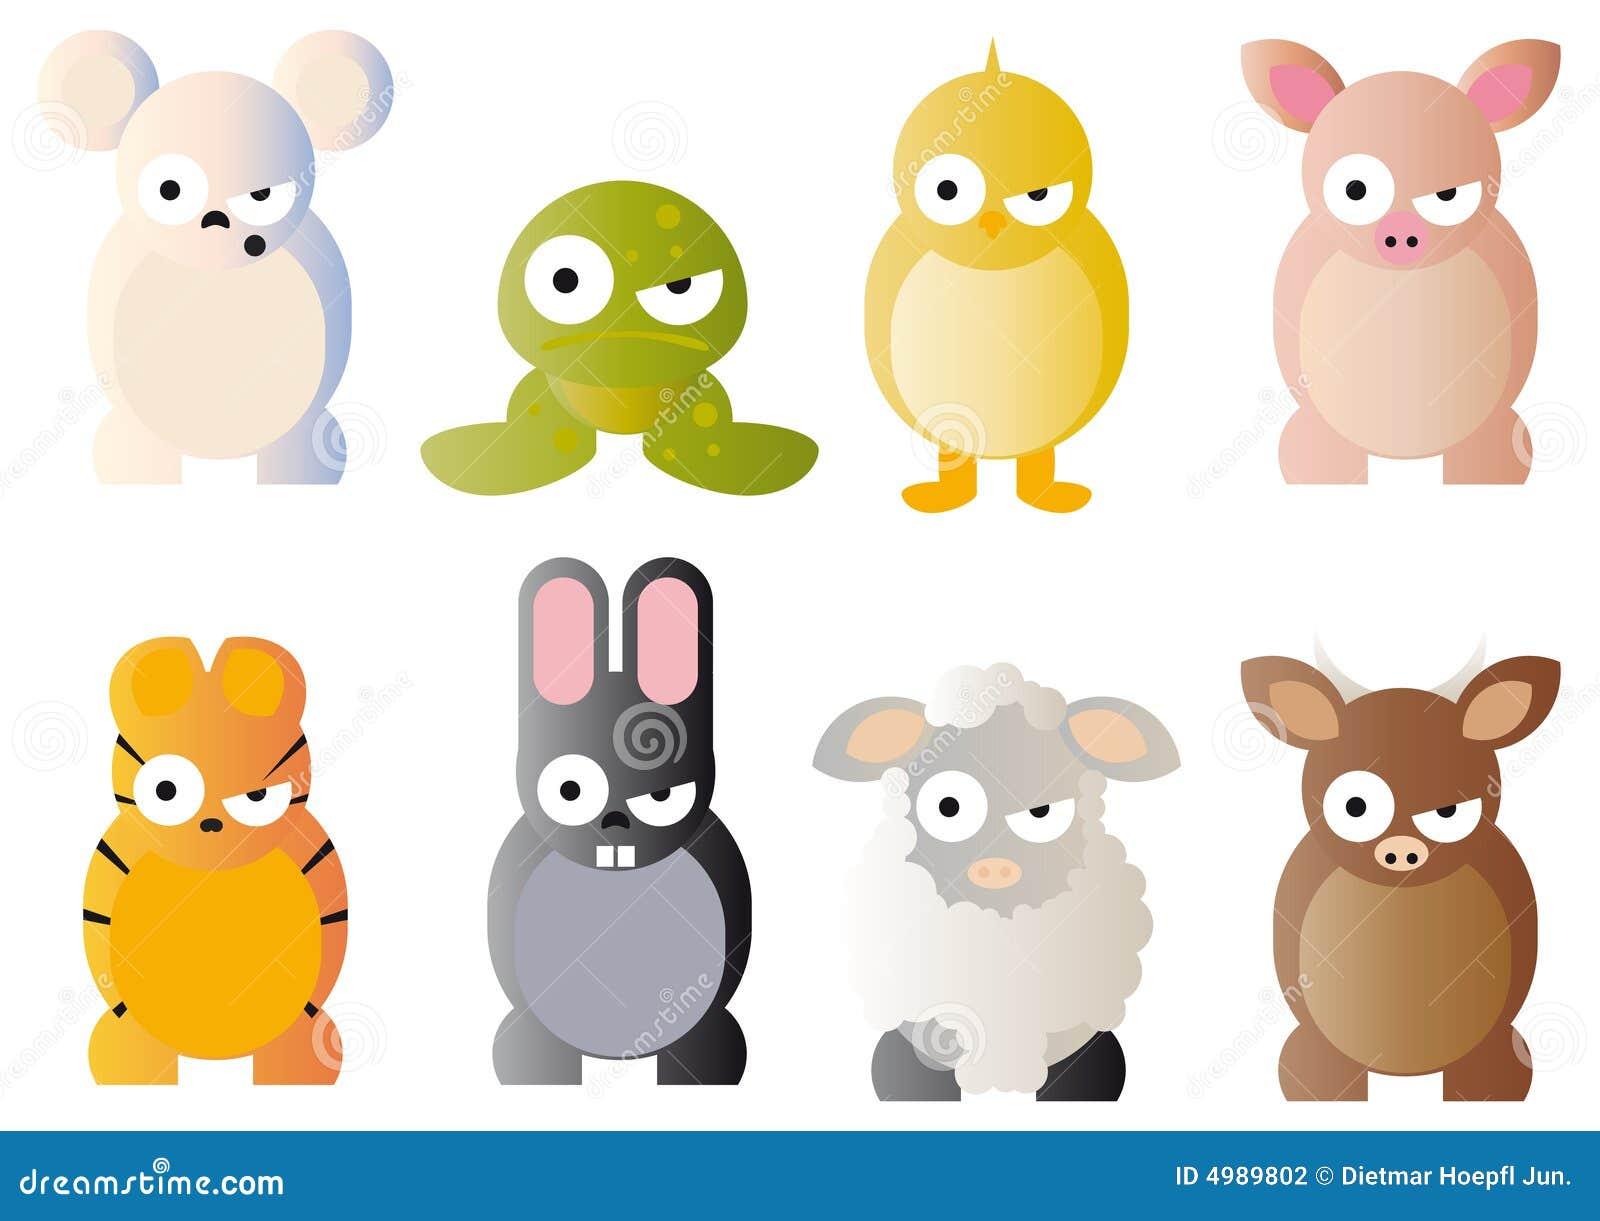 Cartoon graphics of animals